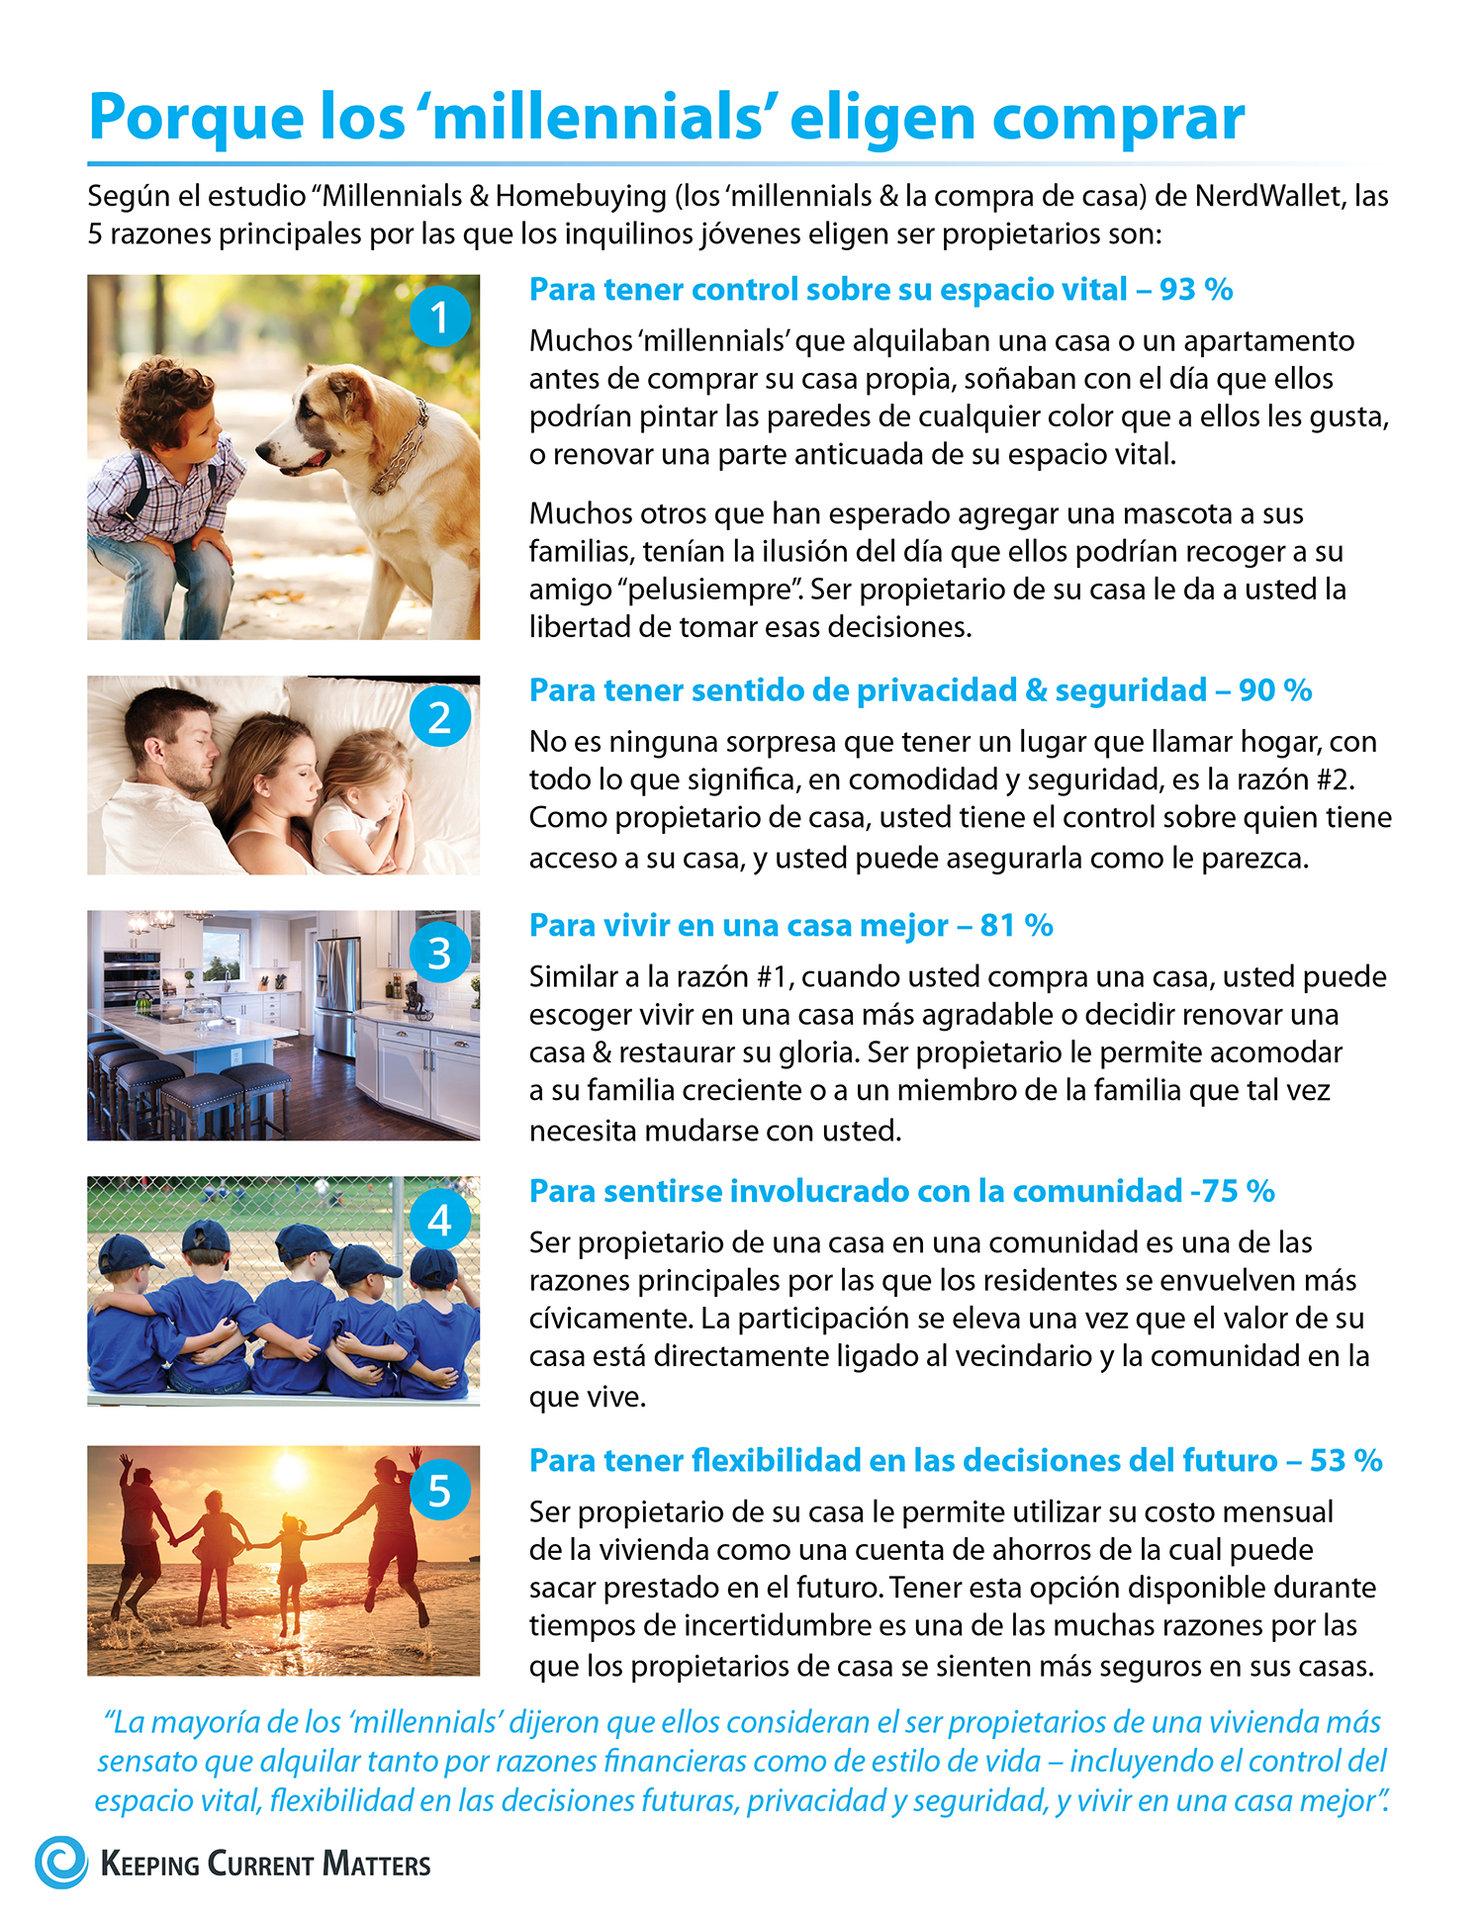 5 razones principales por las que los 'millennials' eligen comprar [infografía] | Keeping Current Matters